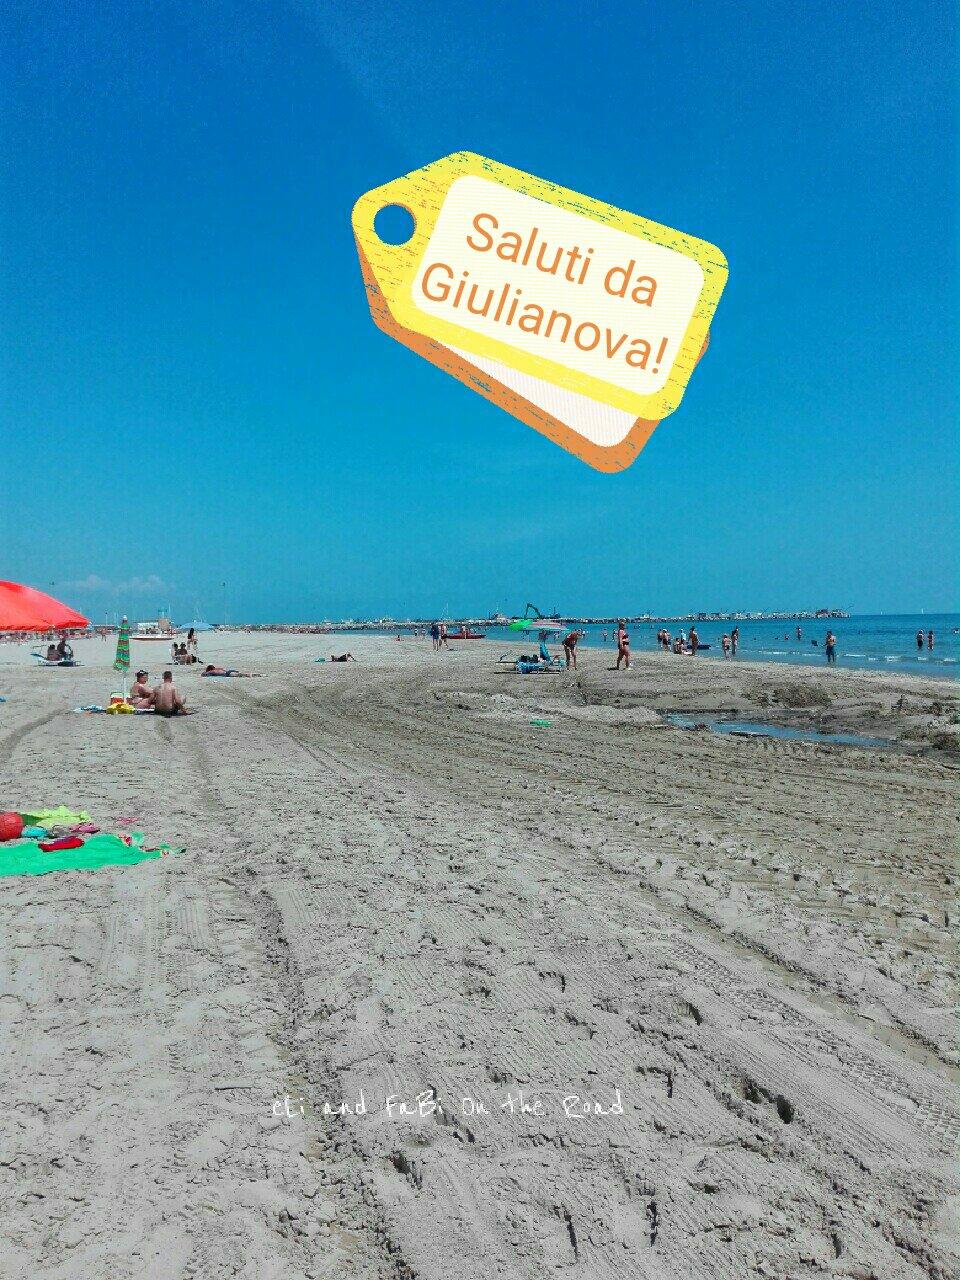 #CartolinaDalMondo: saluti da Giulianova